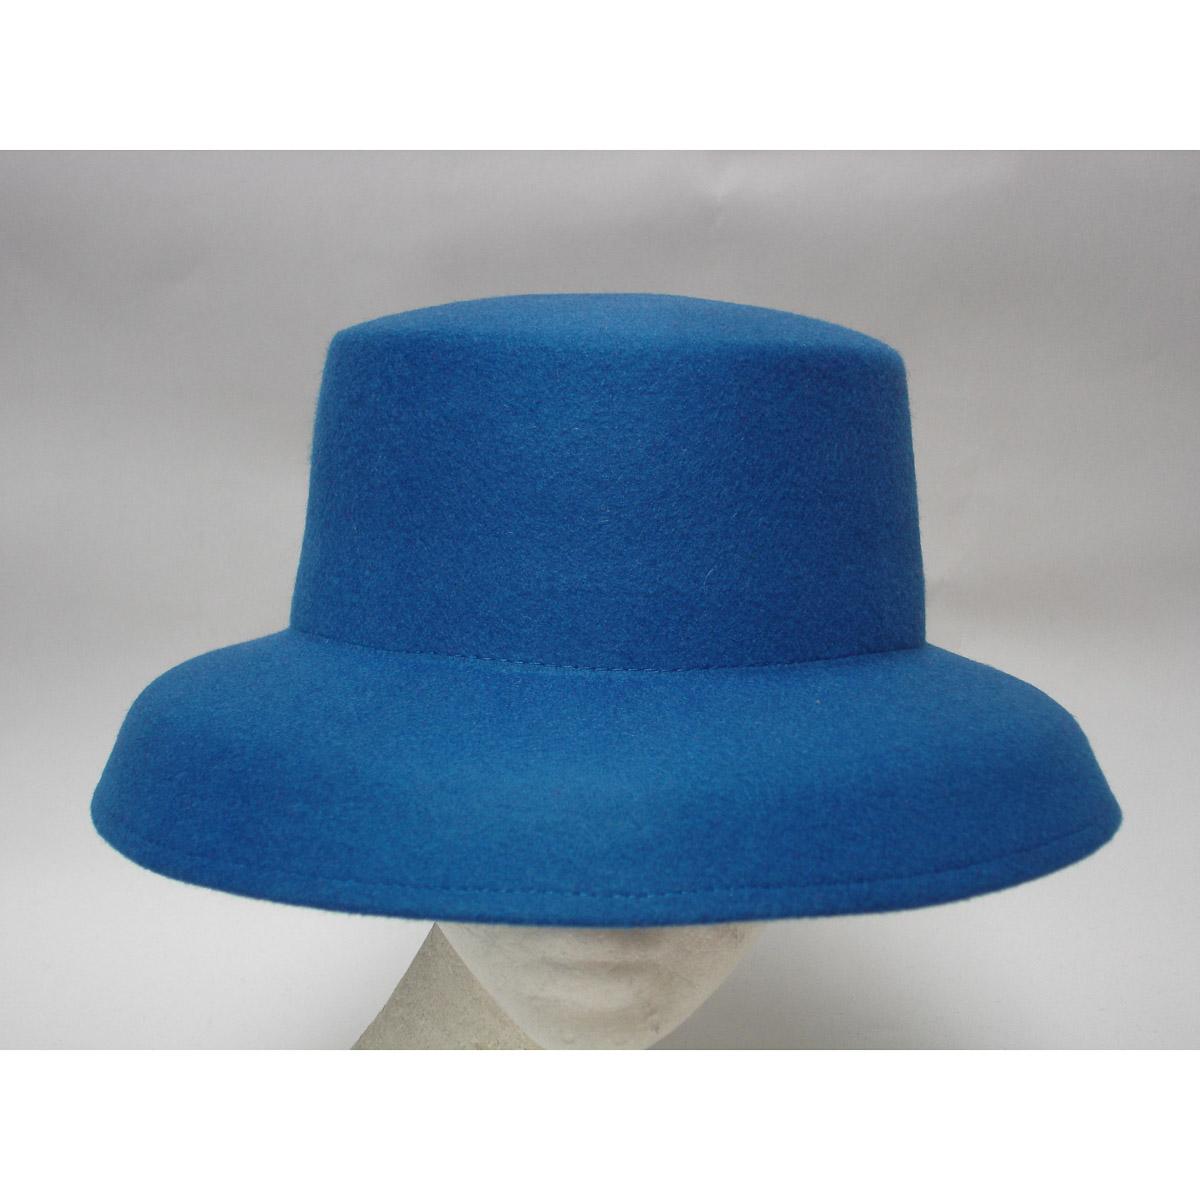 Royal Down Kettle Brim Dome Shape Blocked Untrimmed Felt Hat Base